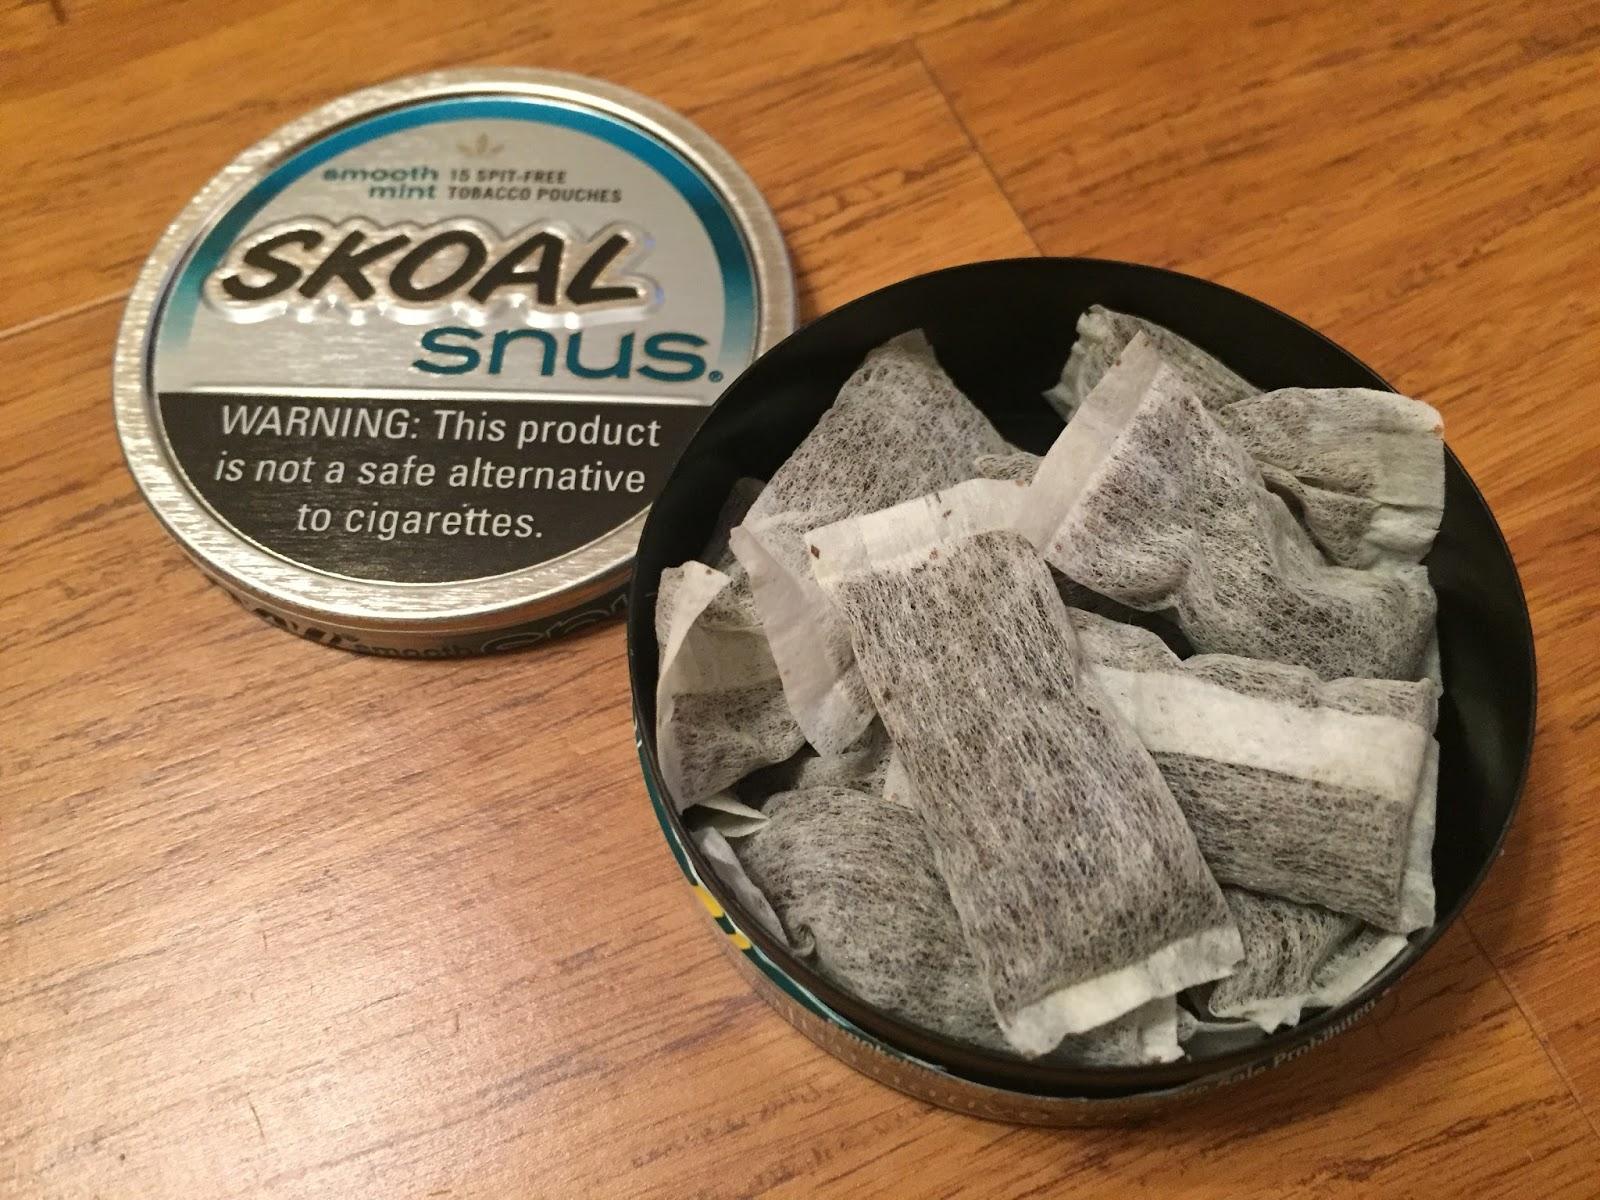 Snubie com: Skoal